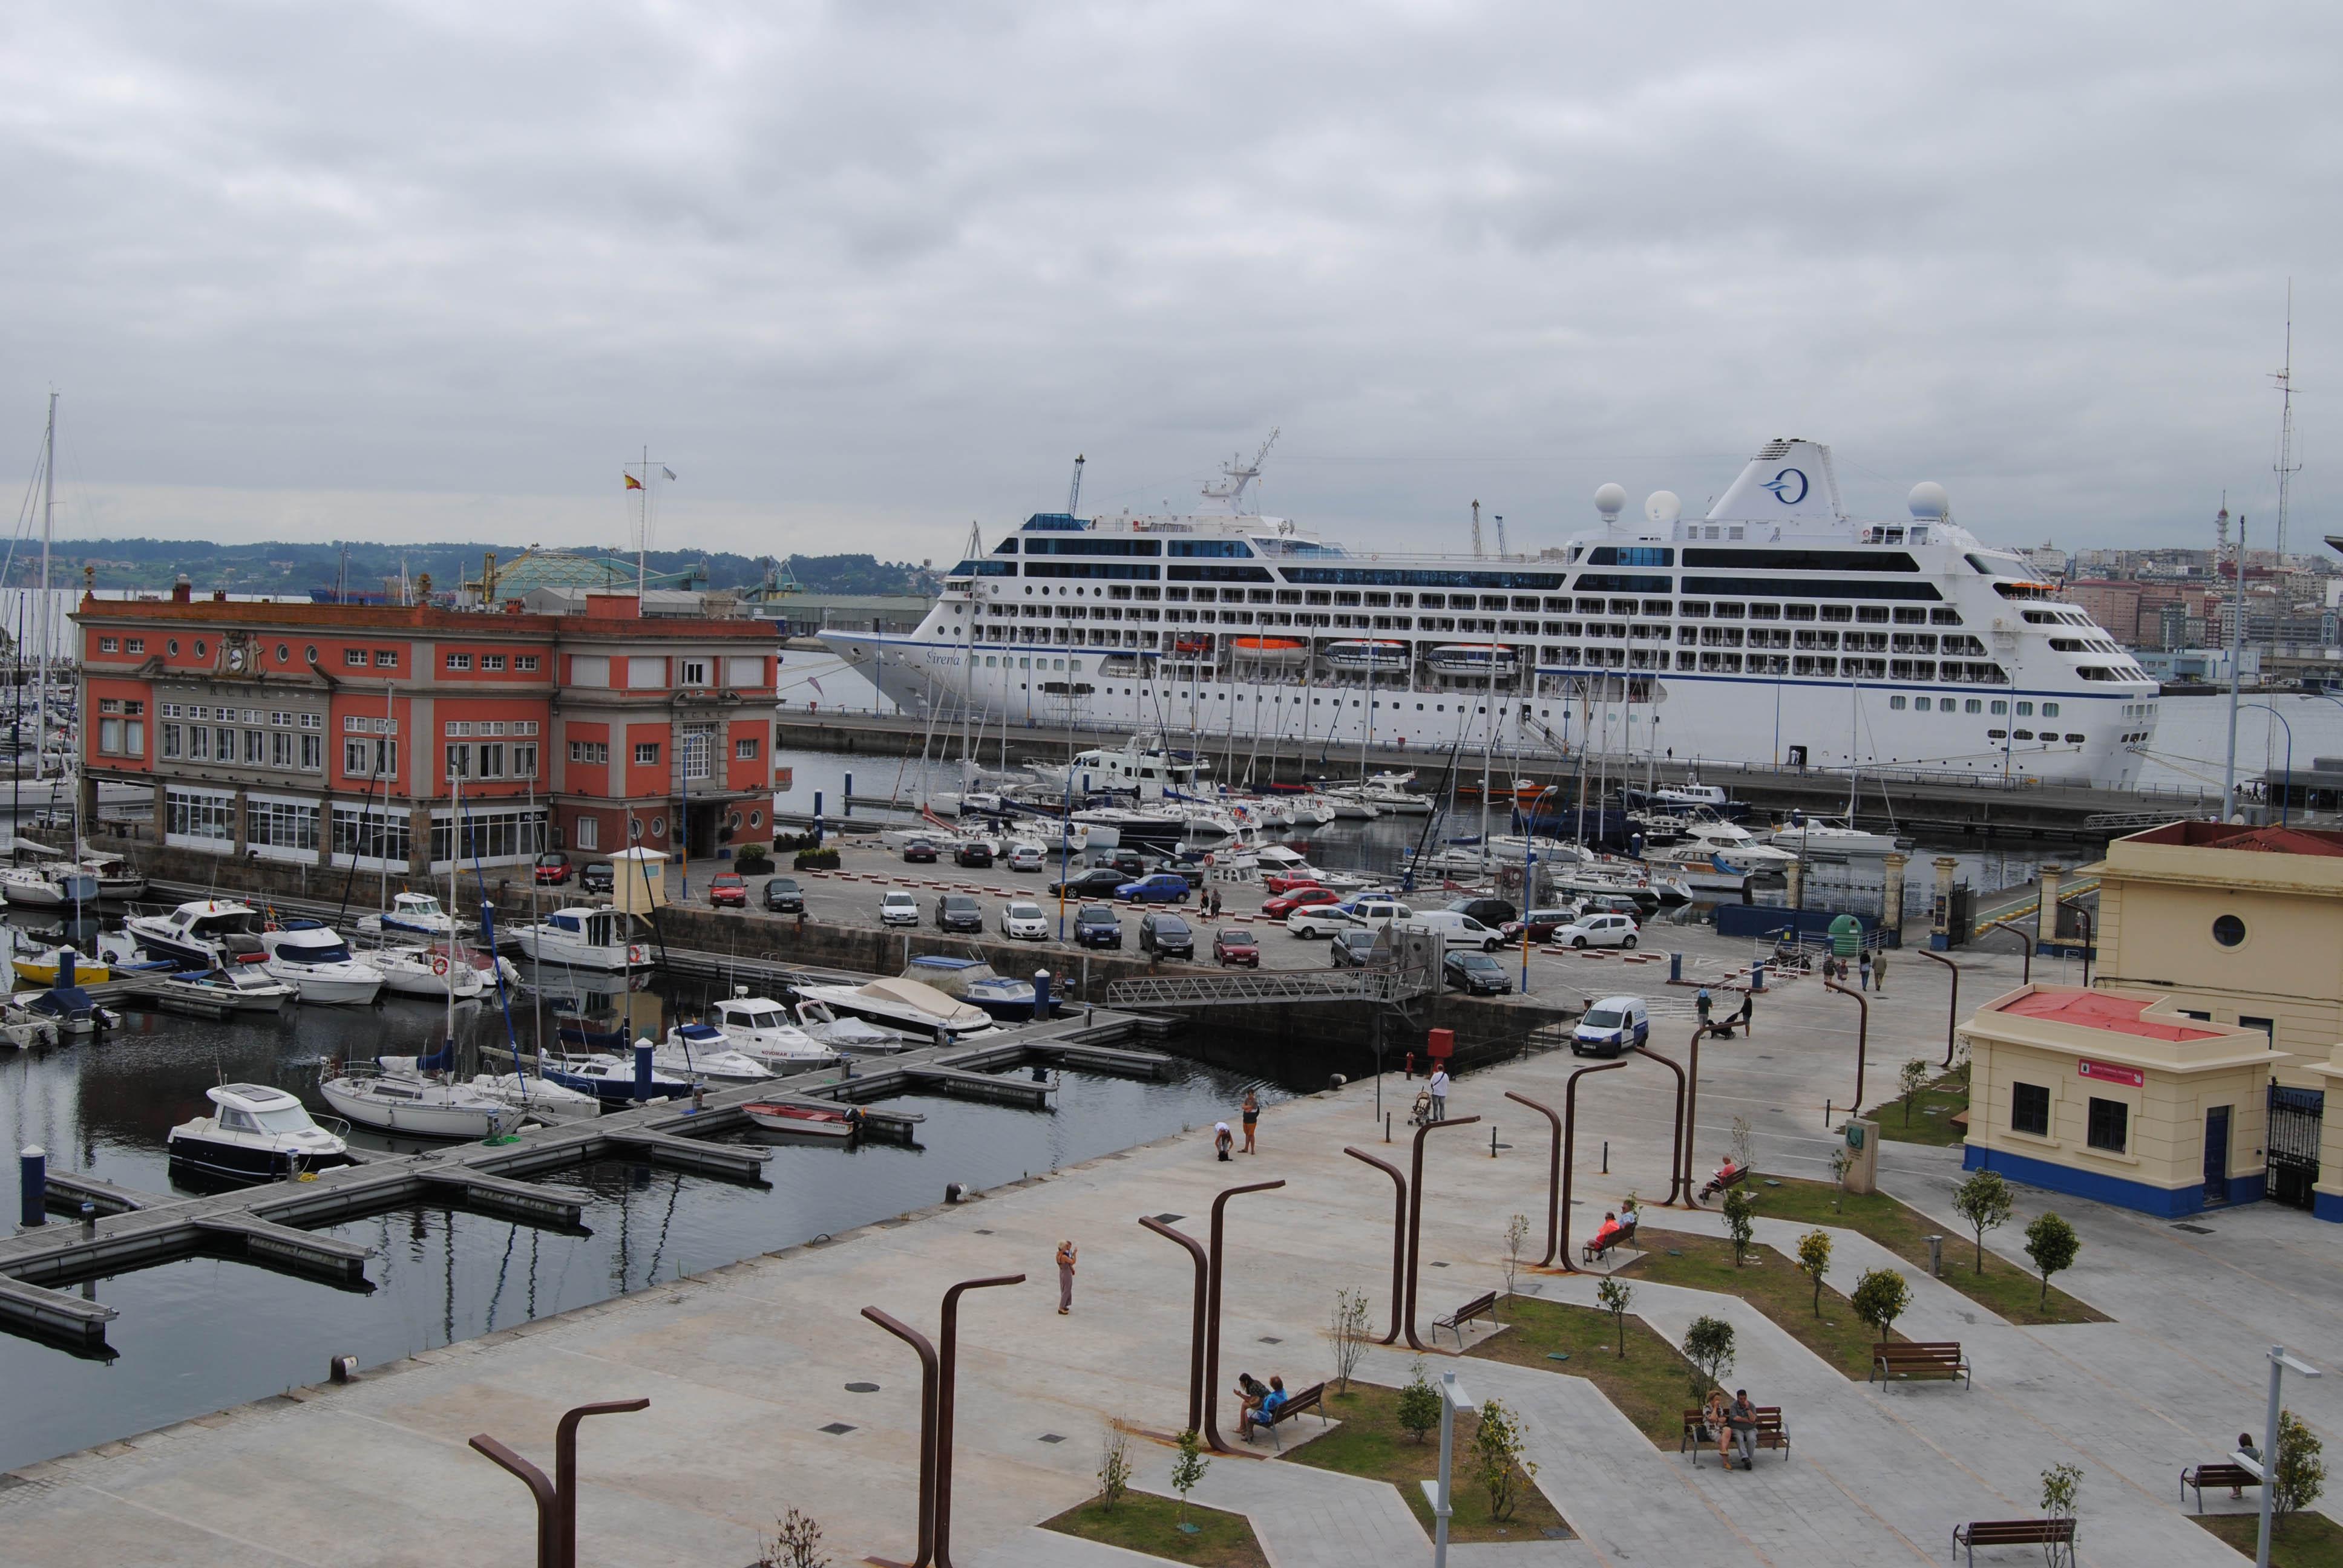 90 escalas de cruceros en A Coruña en 2018. Turismo náutico en A Coruña. Crucero Sirena de Oceania Cruises escala inaugural en el Puerto de A Coruña